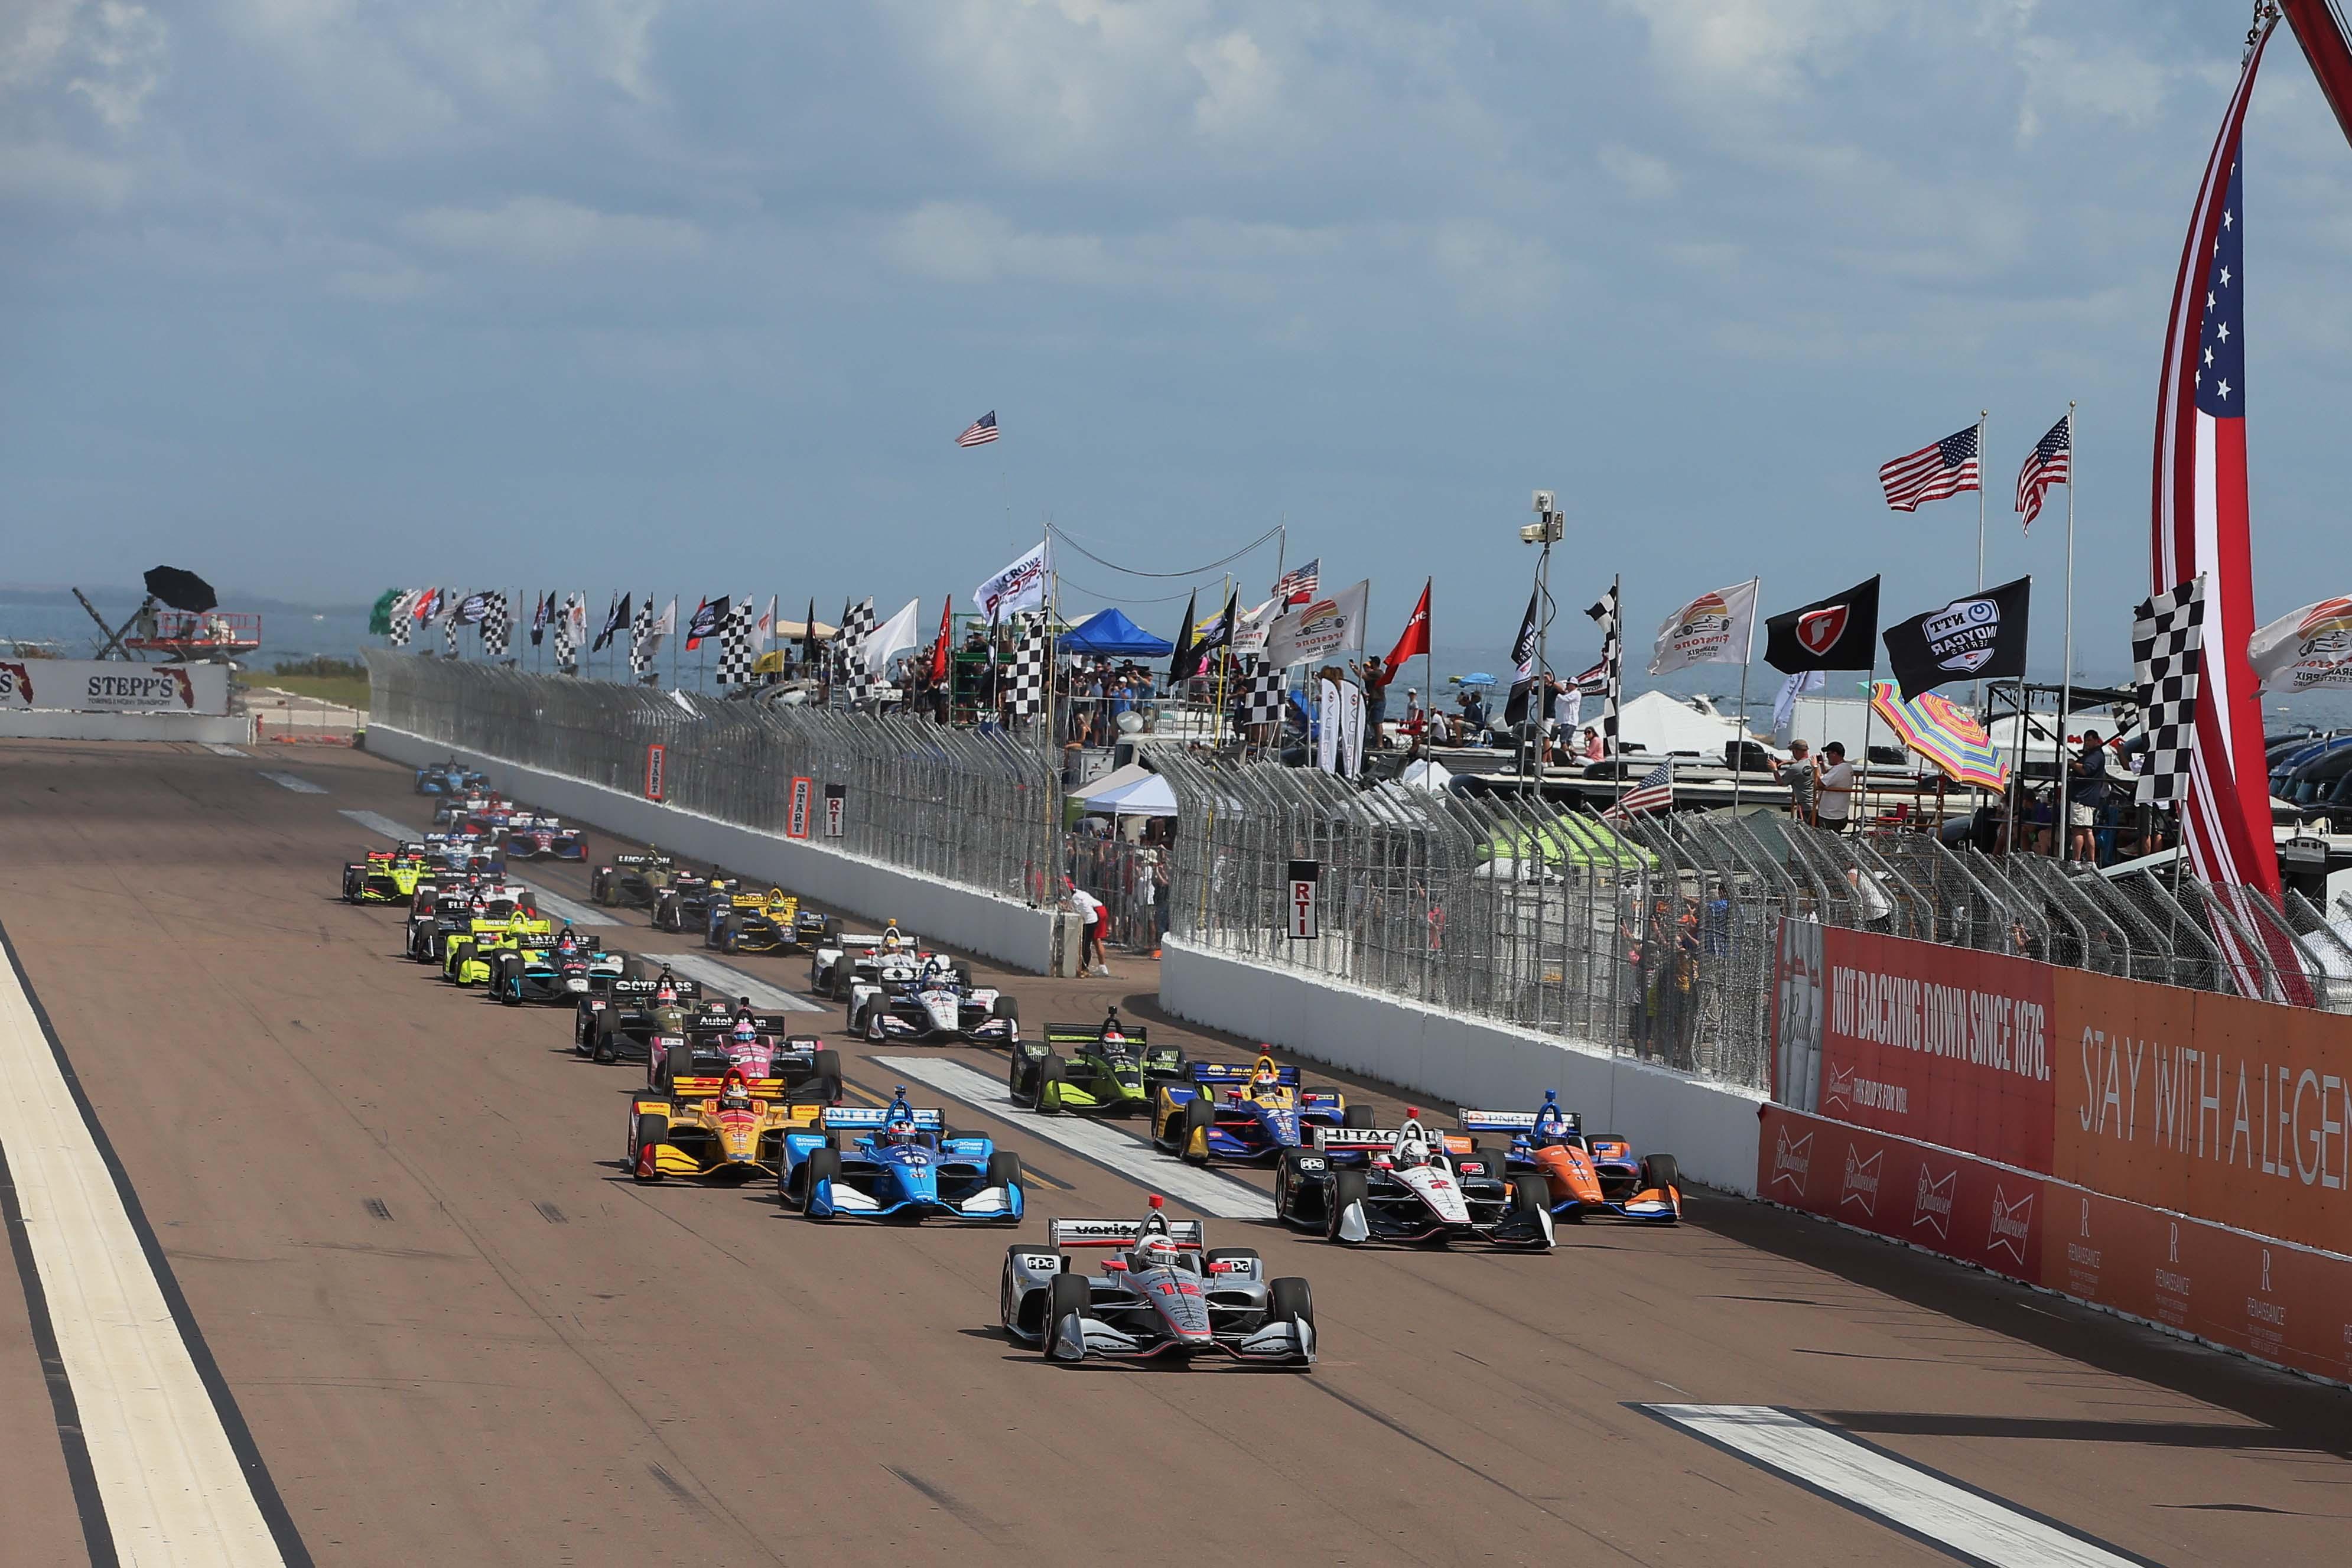 Grand Prix of St Petersburg - Indycar Series